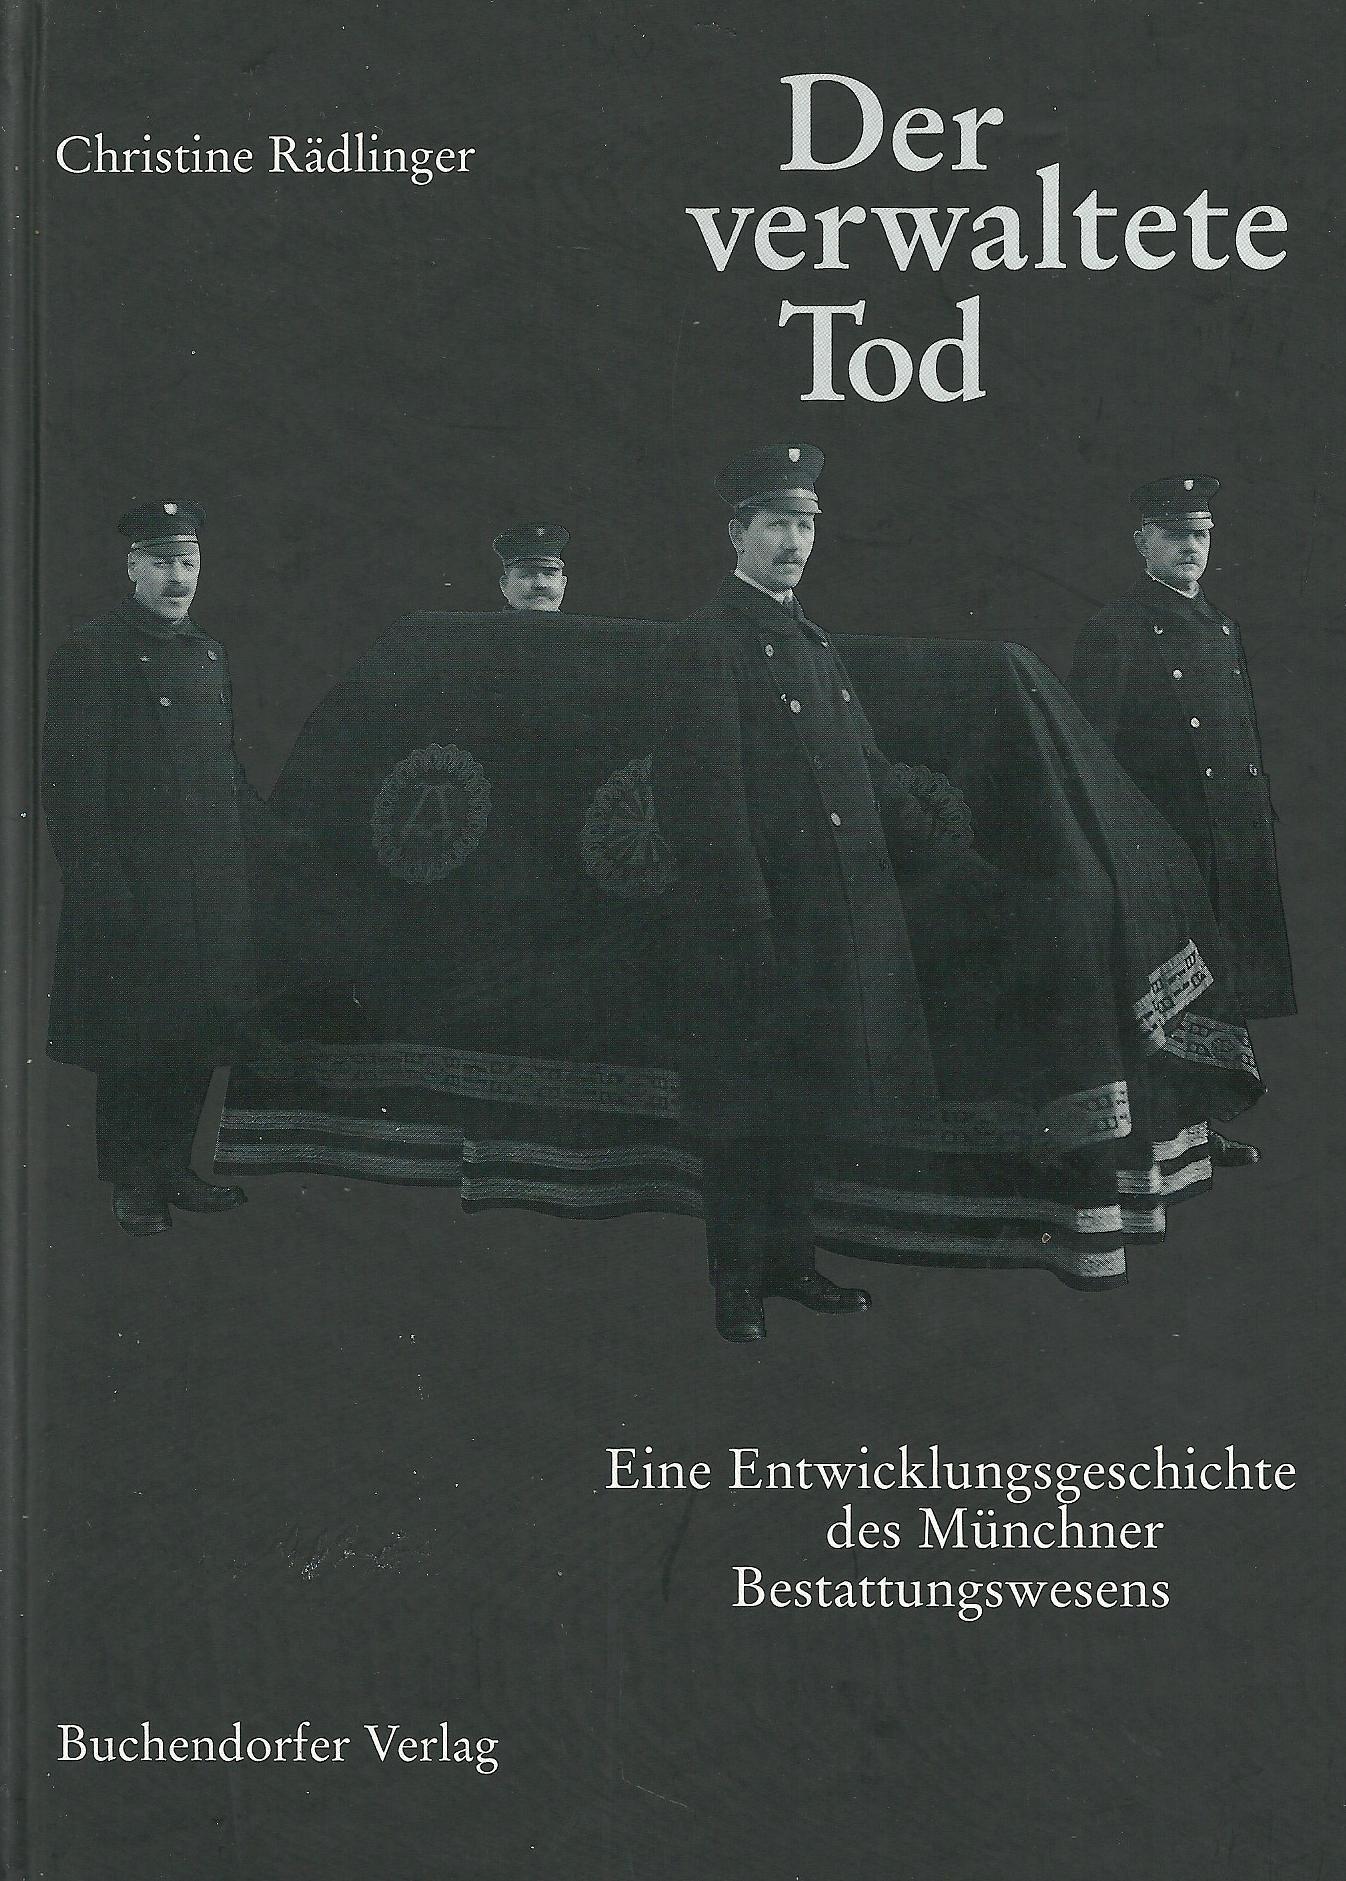 Der verwaltete Tod. Eine Entwicklungsgeschichte des Münchner Bestattungswesens